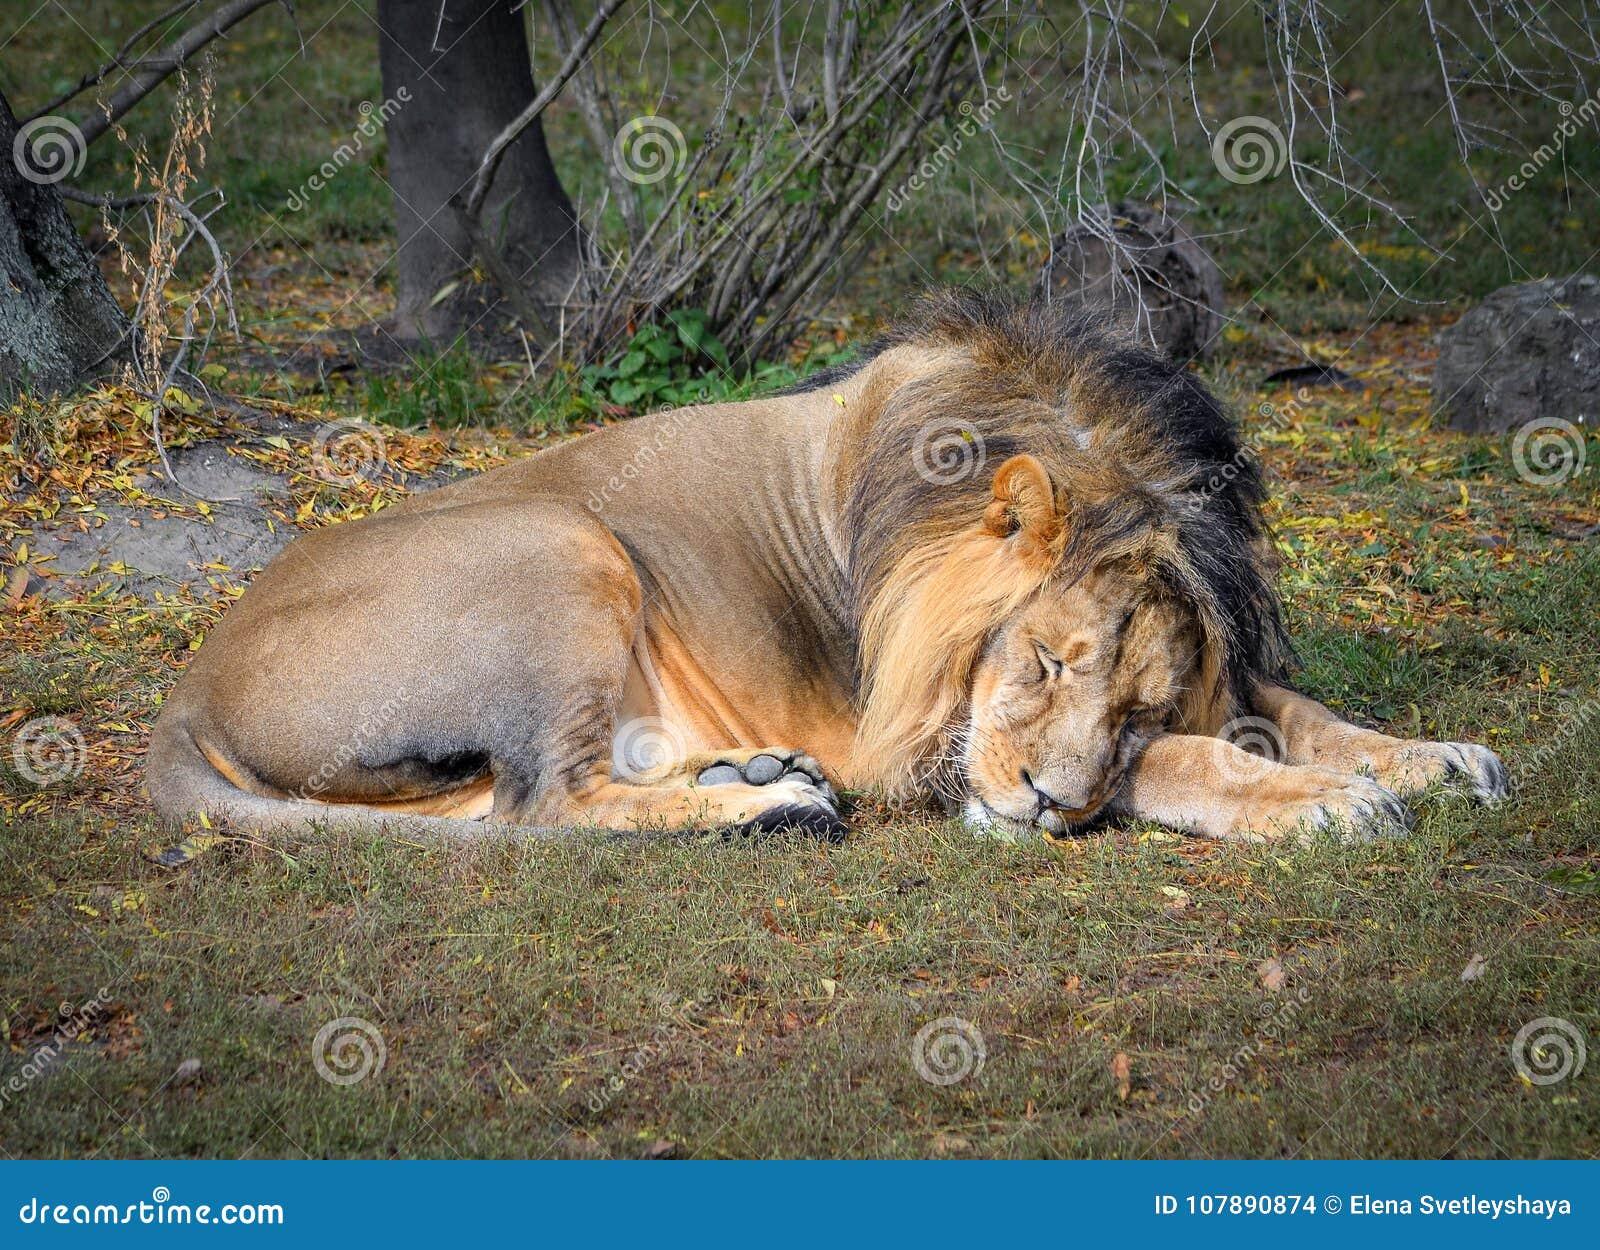 El león soñoliento en el parque zoológico León en fondo natural